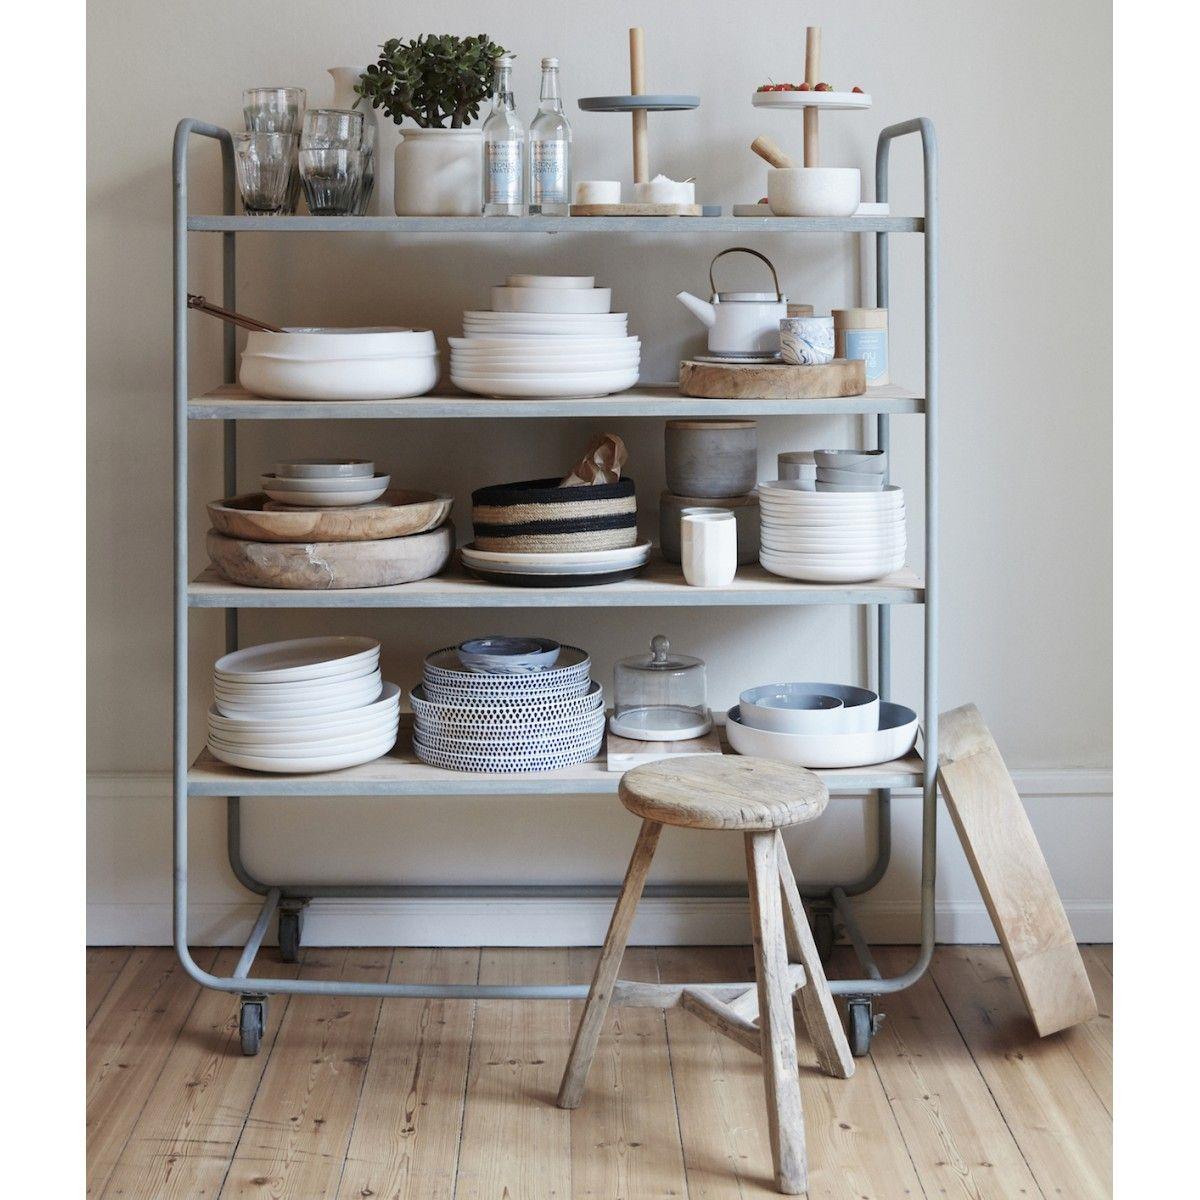 tabouret en bois d 39 orme rond hubsch bois pinterest maison deco et vaisselle. Black Bedroom Furniture Sets. Home Design Ideas